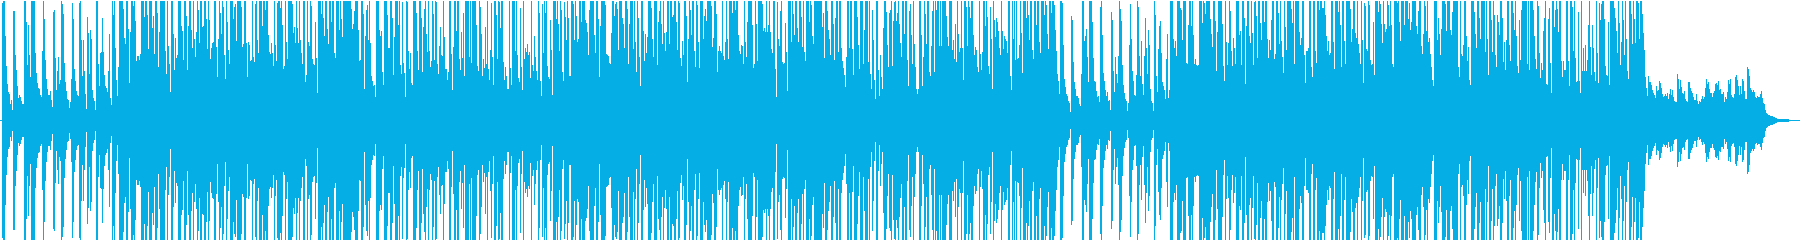 1970年代のスタイルのスムースジャズの再生済みの波形